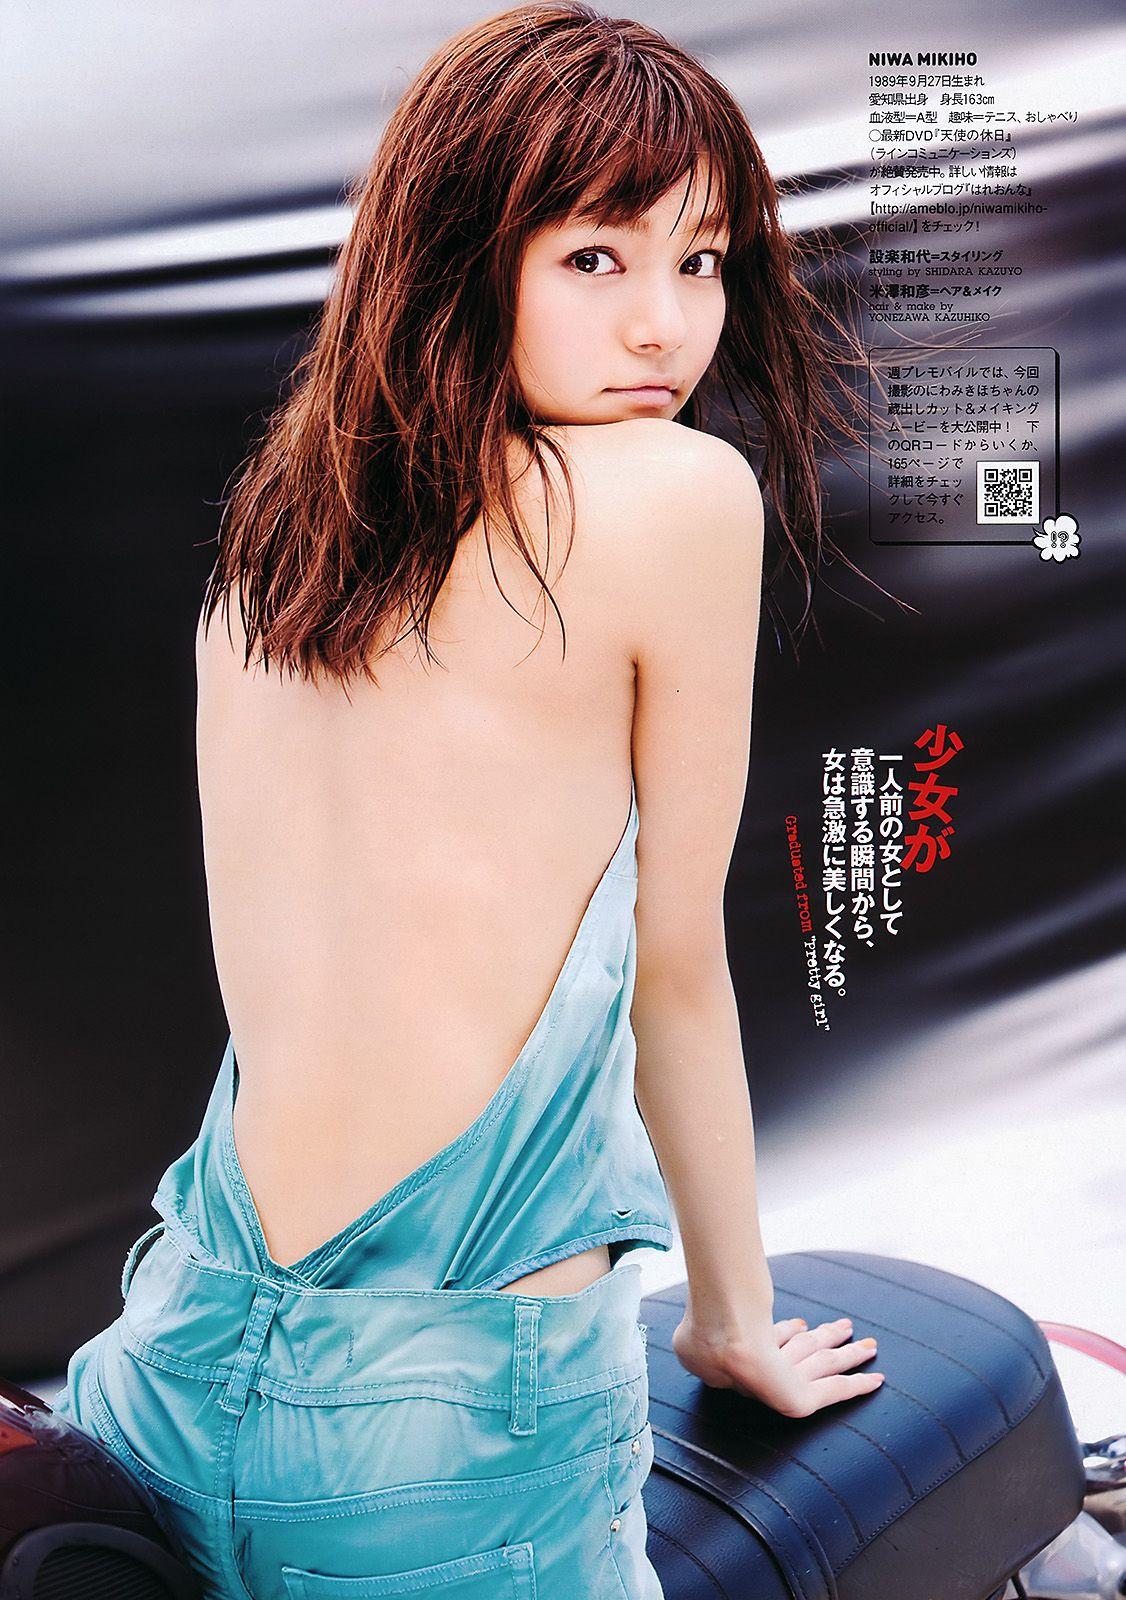 足立梨花 吉木りさ 小倉奈々  2011 No.34 35 AKB48 [wpb][36P] WPB套图 第3张